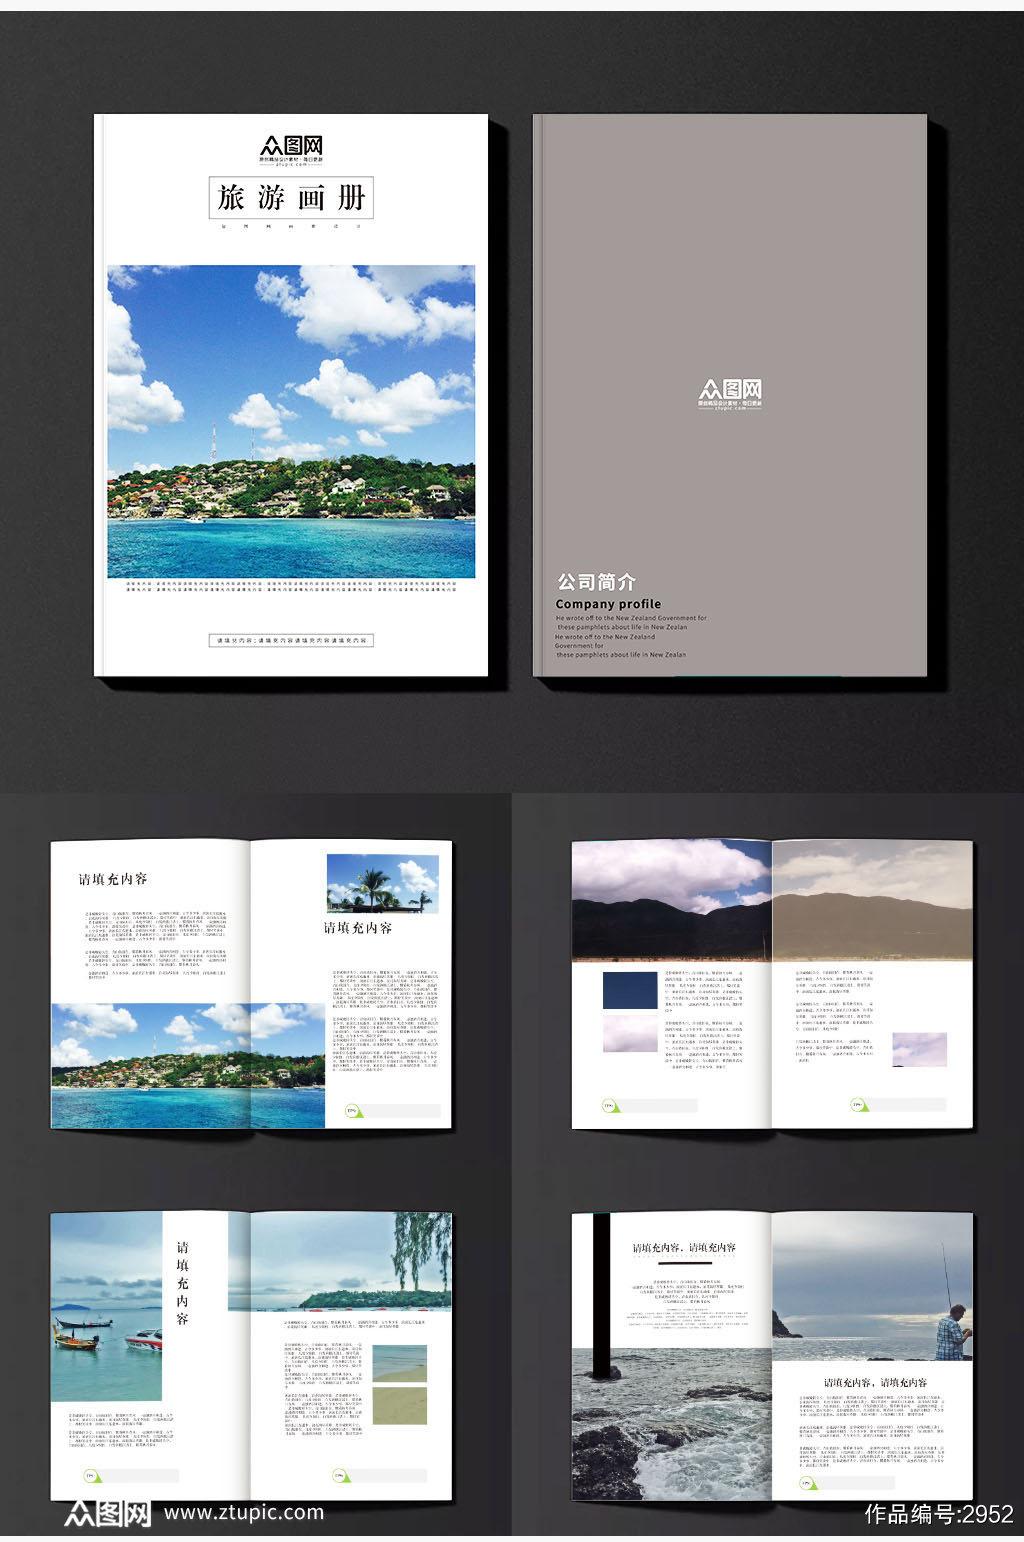 整套欧式简约风格企业画册素材